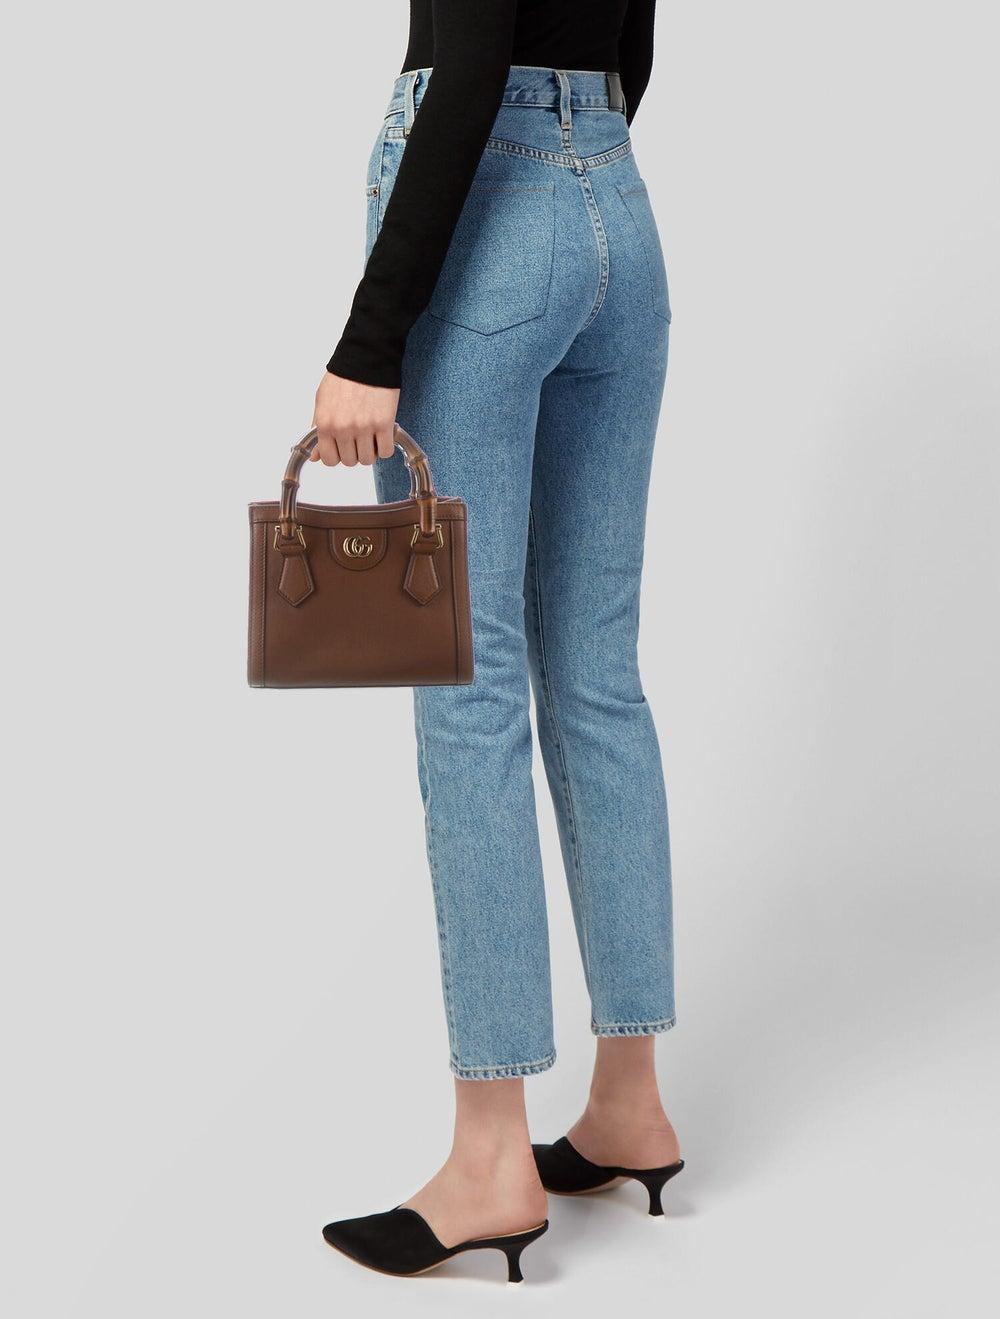 Gucci Gucci Diana Mini Tote Bag Brown - image 2